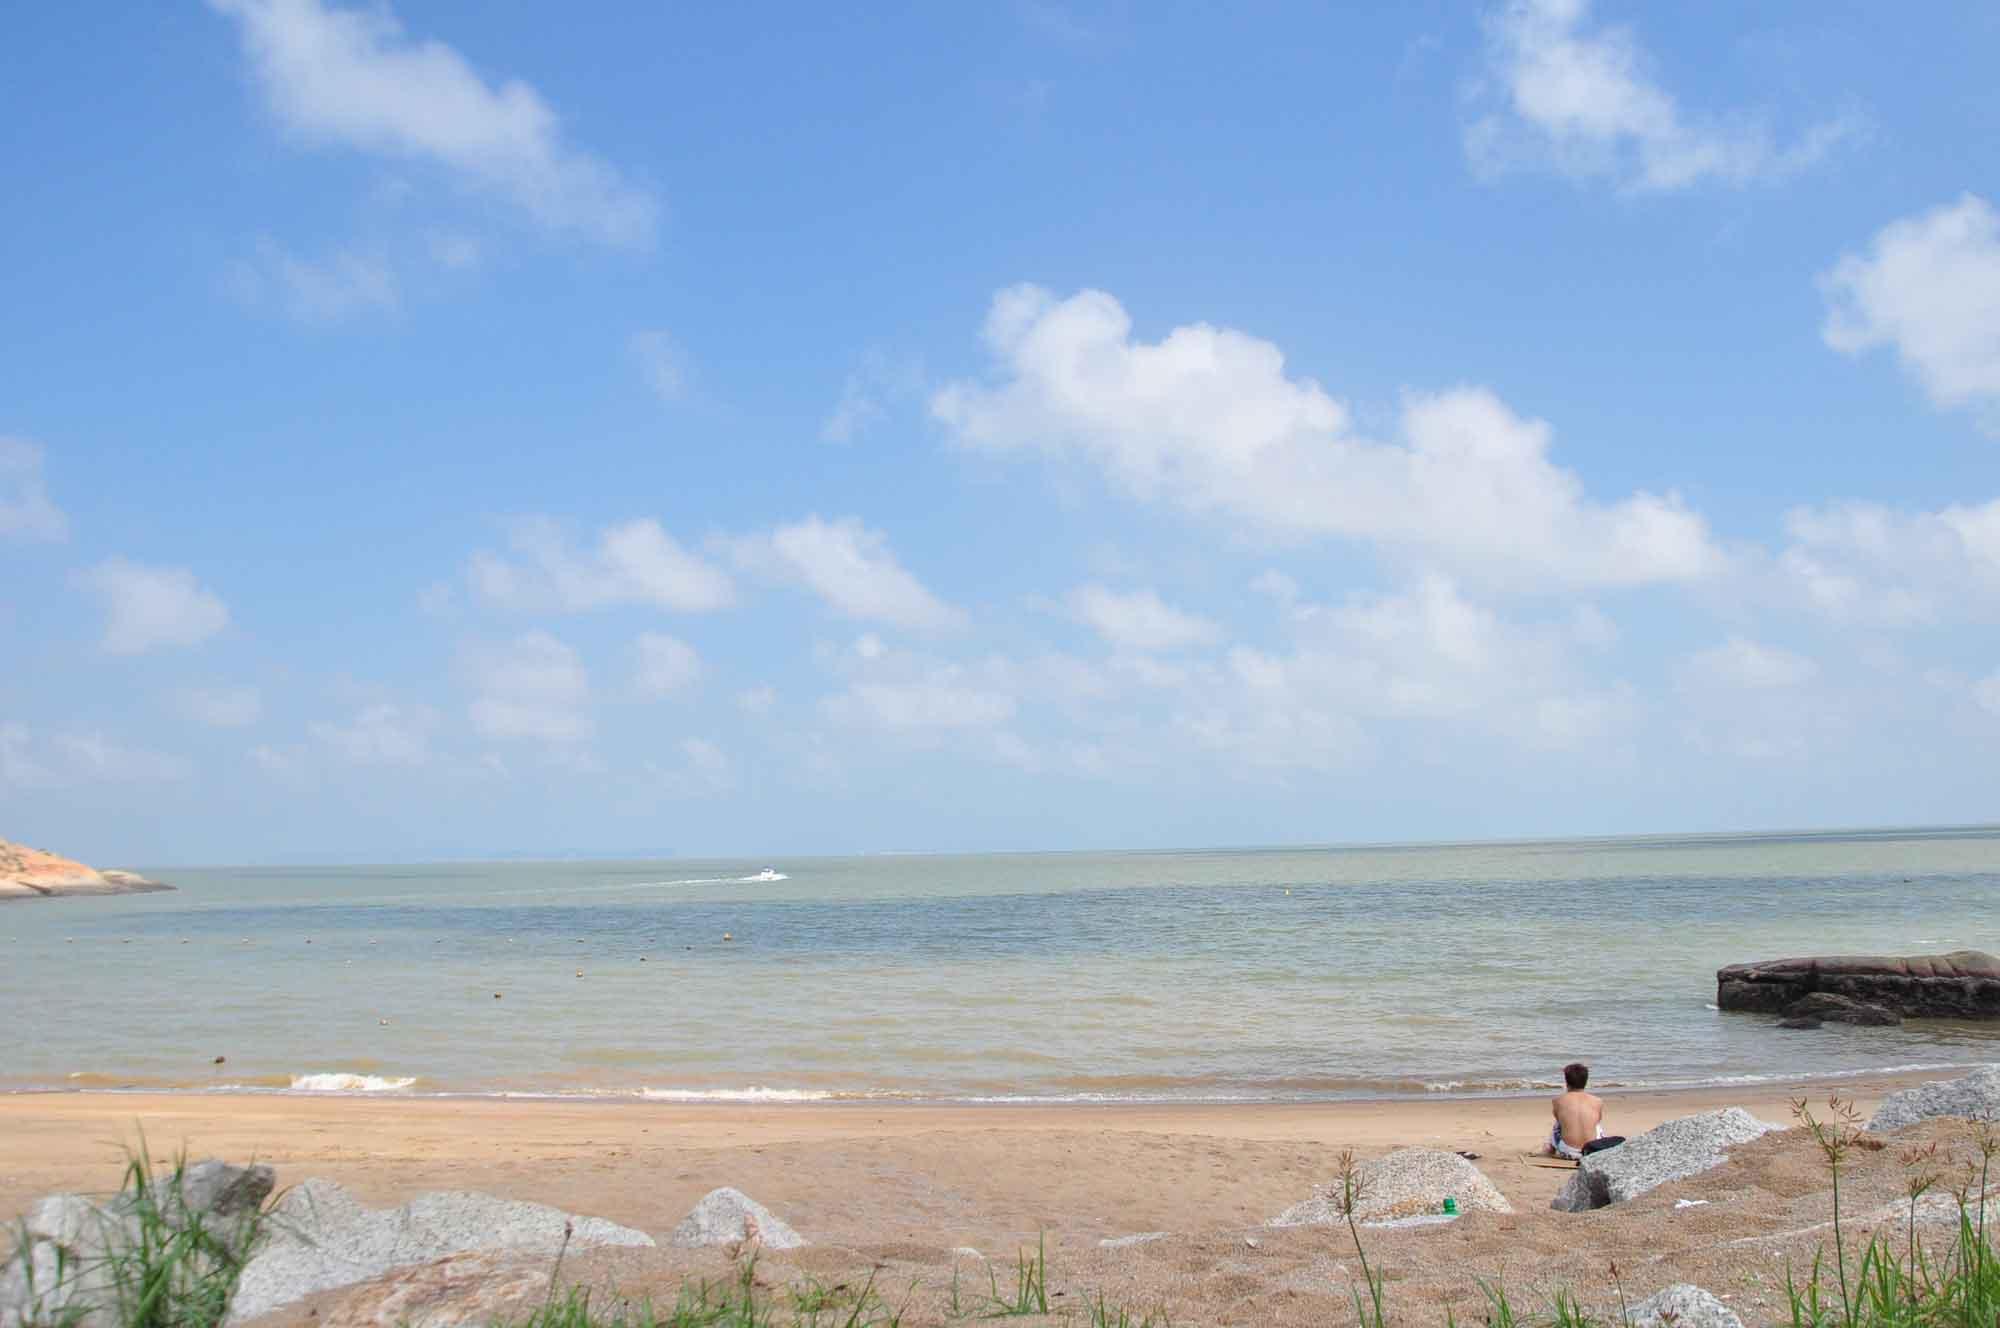 Cheoc Van Beach